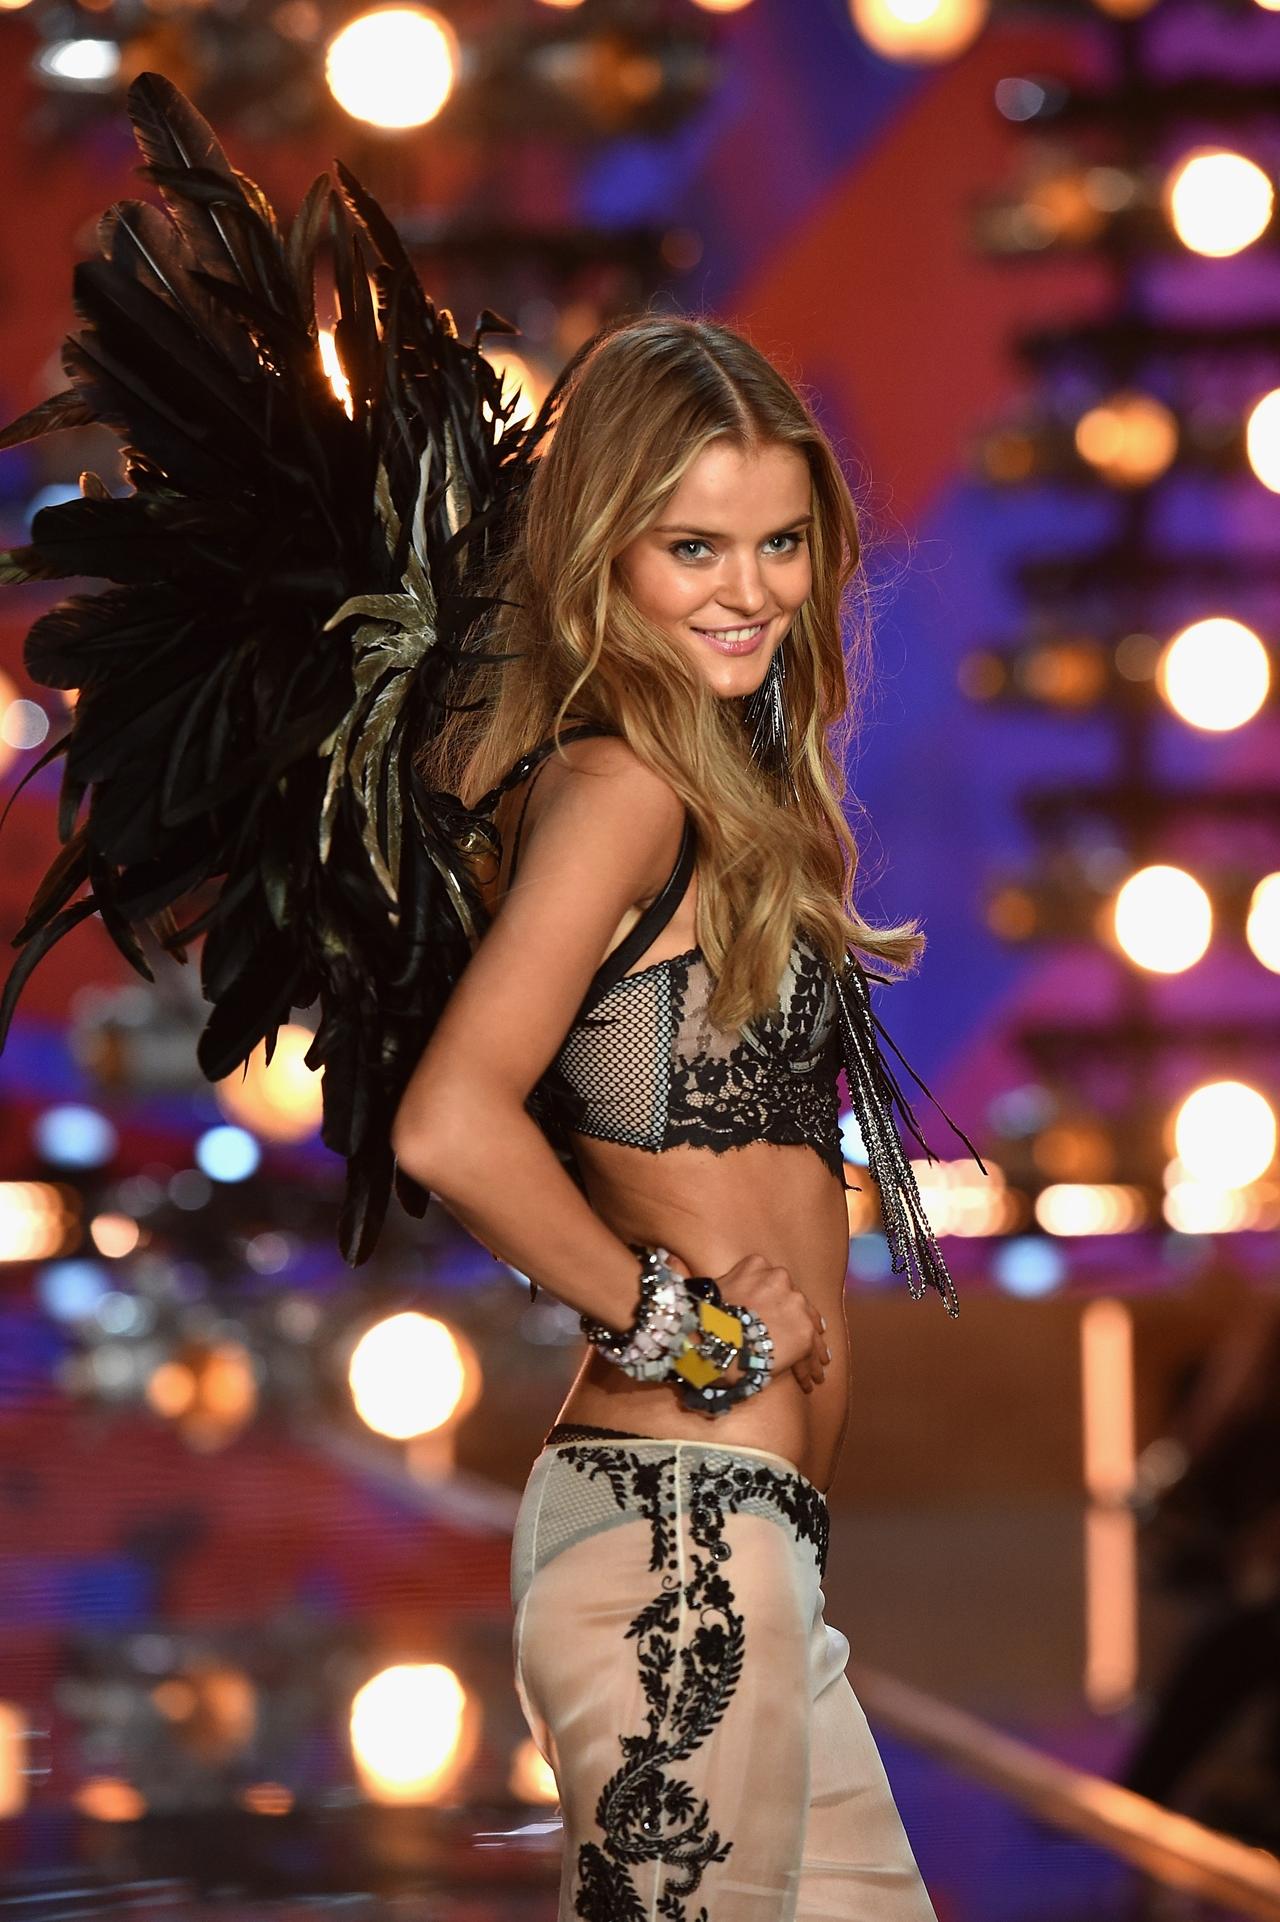 victorias-secret-fashion-show-2015-reuters-19